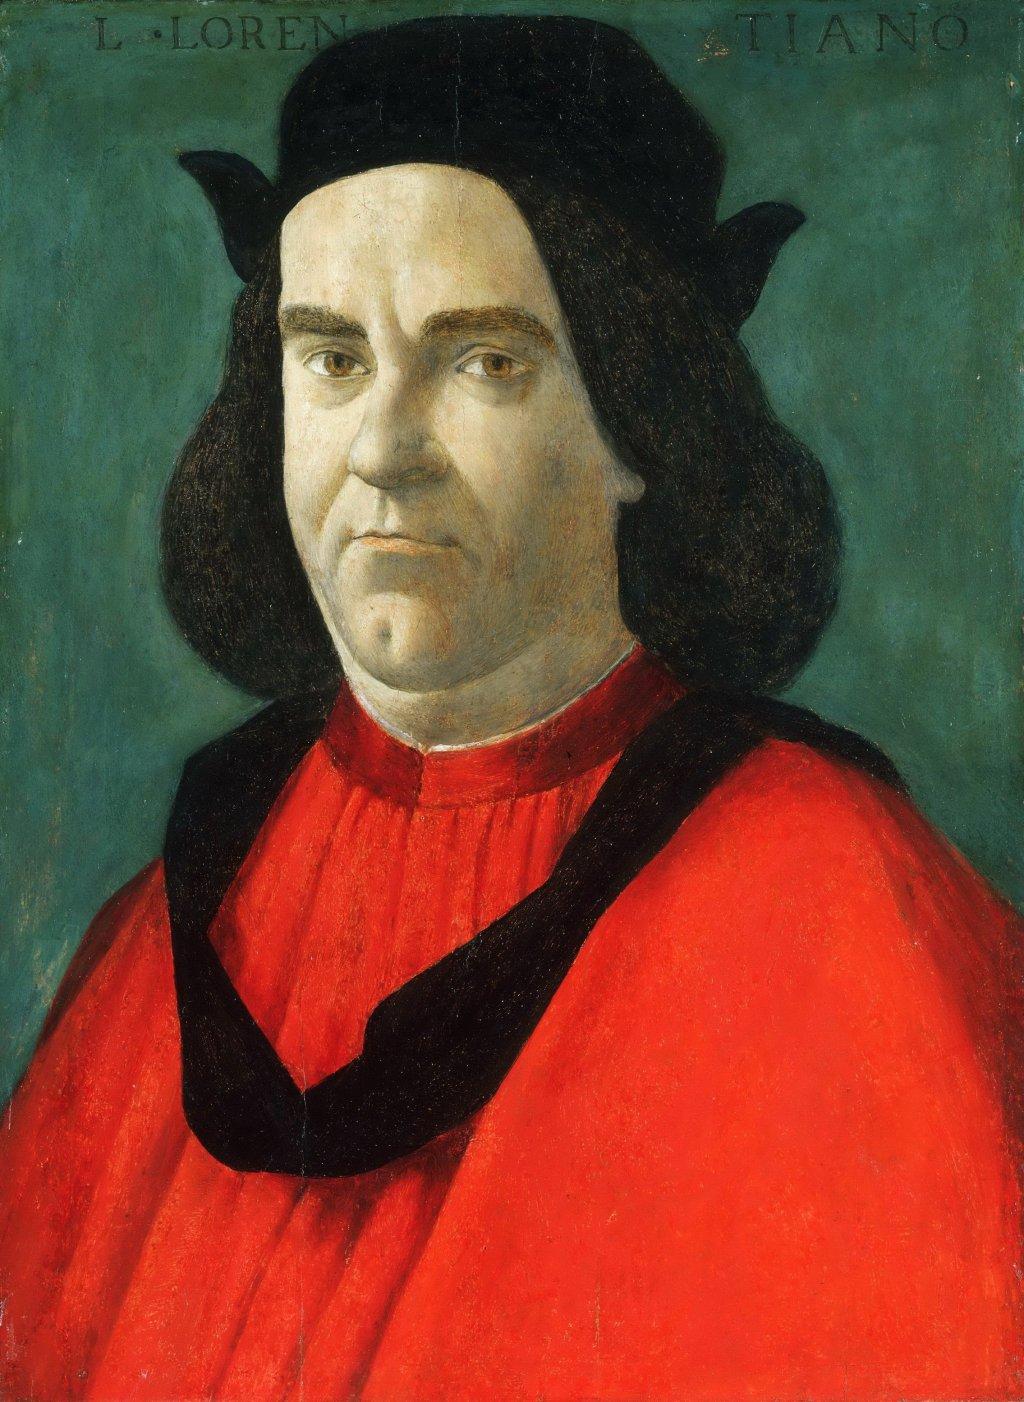 Botticelli Ser Piero Lorenzi